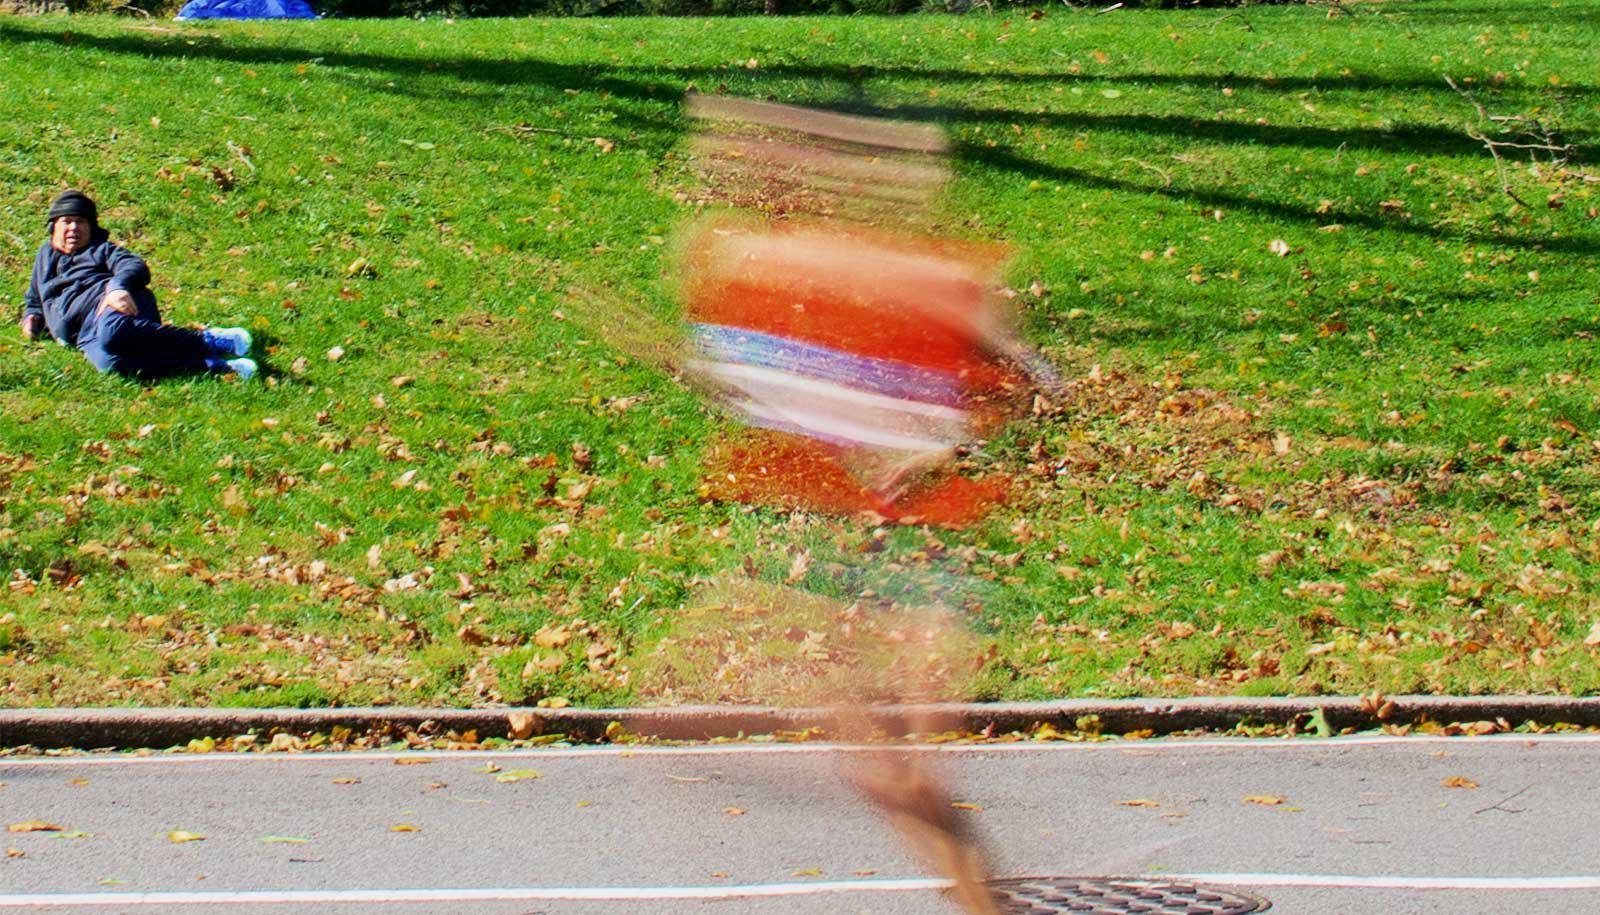 marathon runner and observer